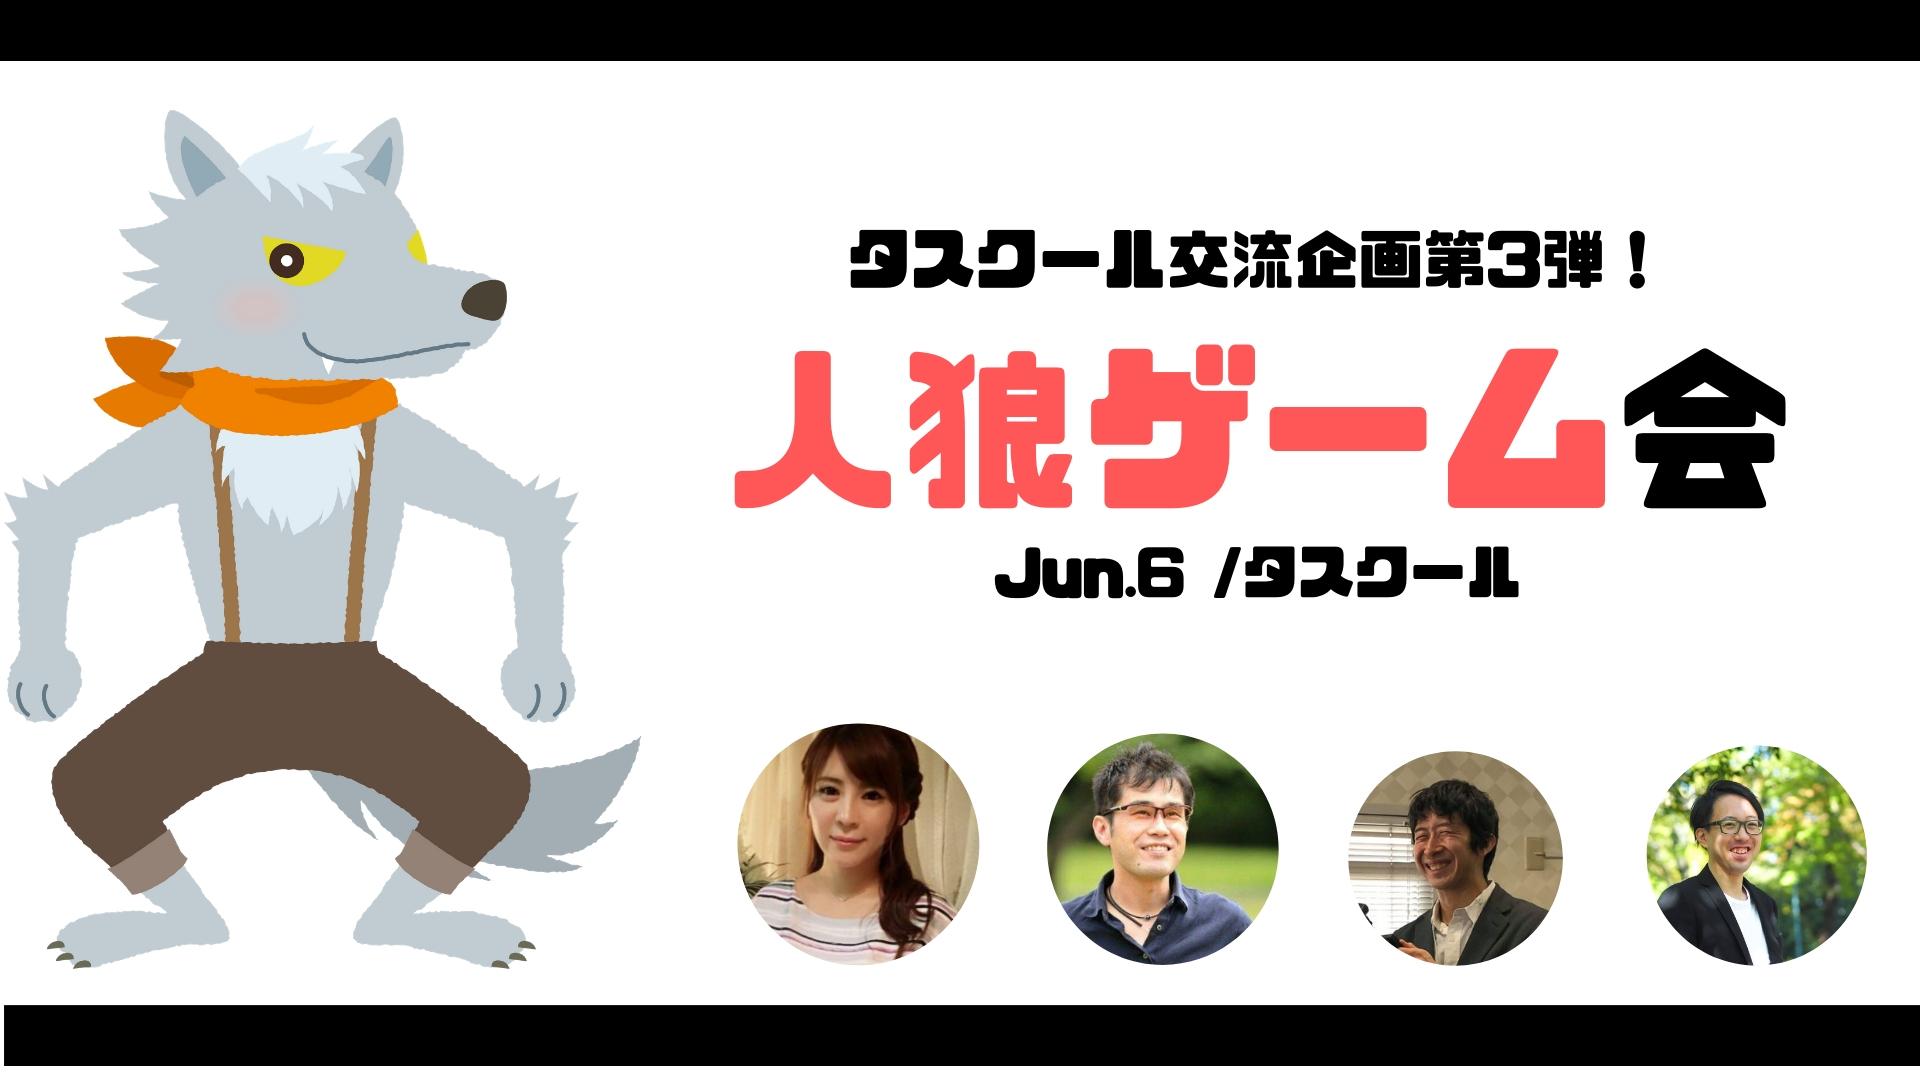 ☆満員御礼☆6/6 タスクール交流企画!『人狼ゲーム会』